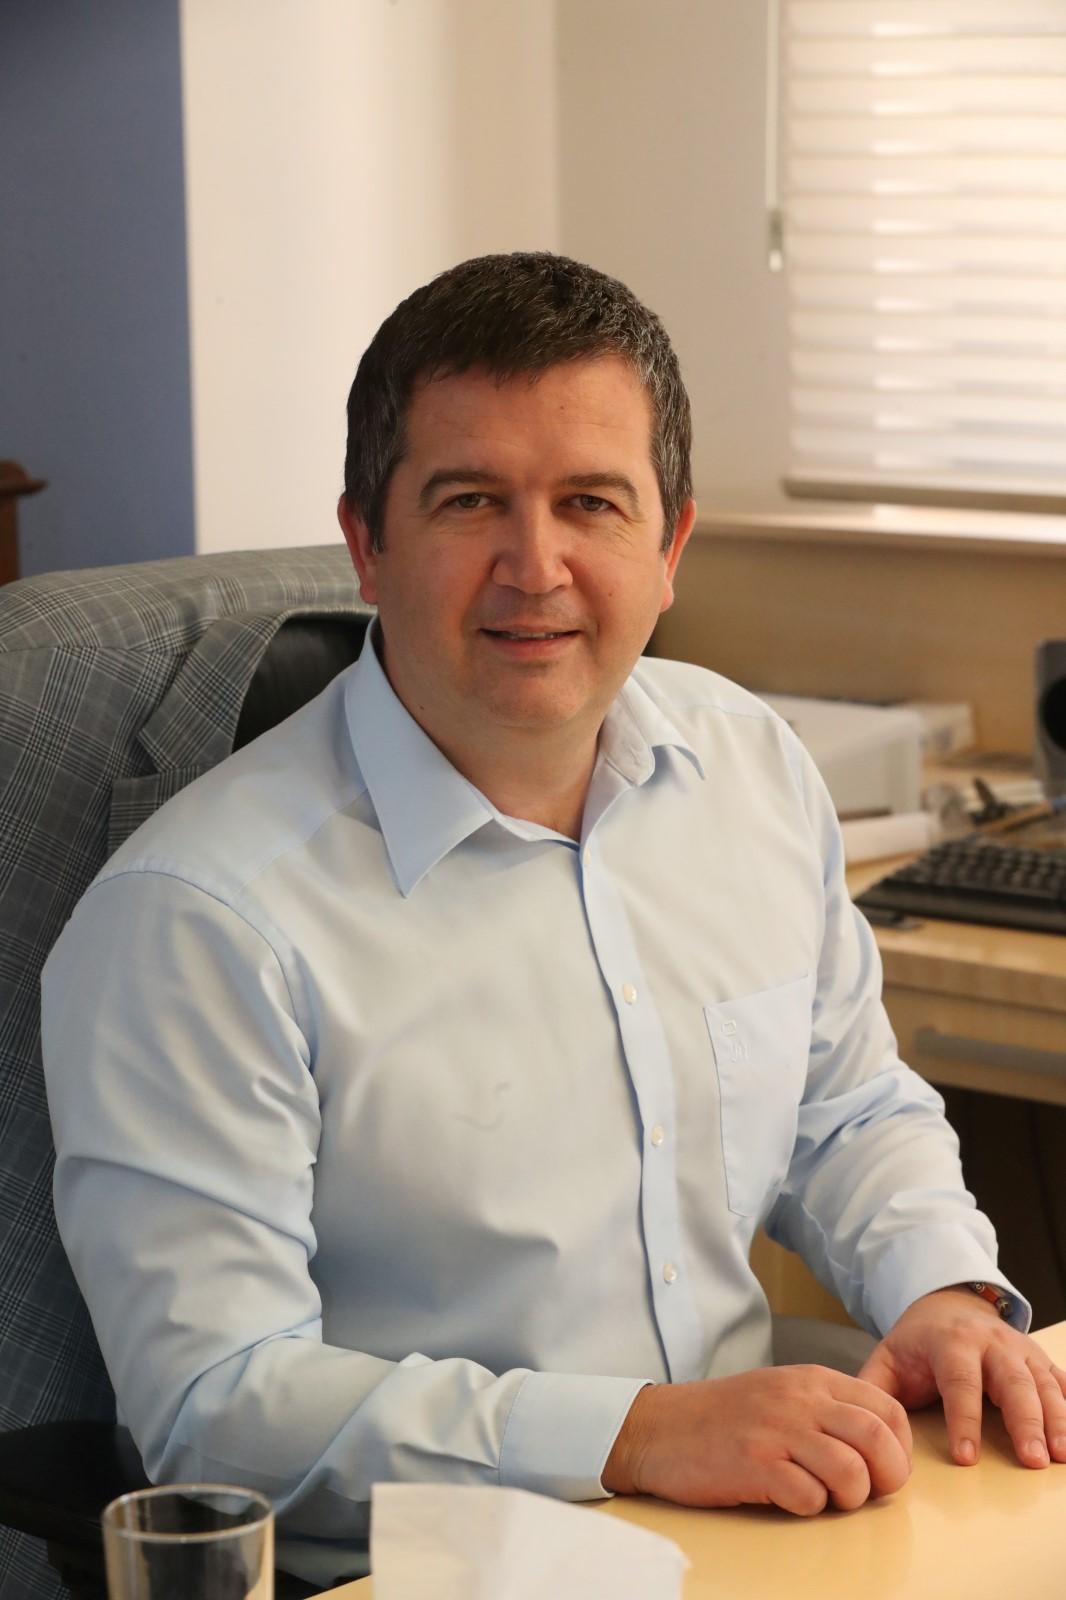 Vicepremiér a ministr vnitra Jan Hamáček (ČSSD) během rozhovoru pro Blesk (1. 6. 2020)